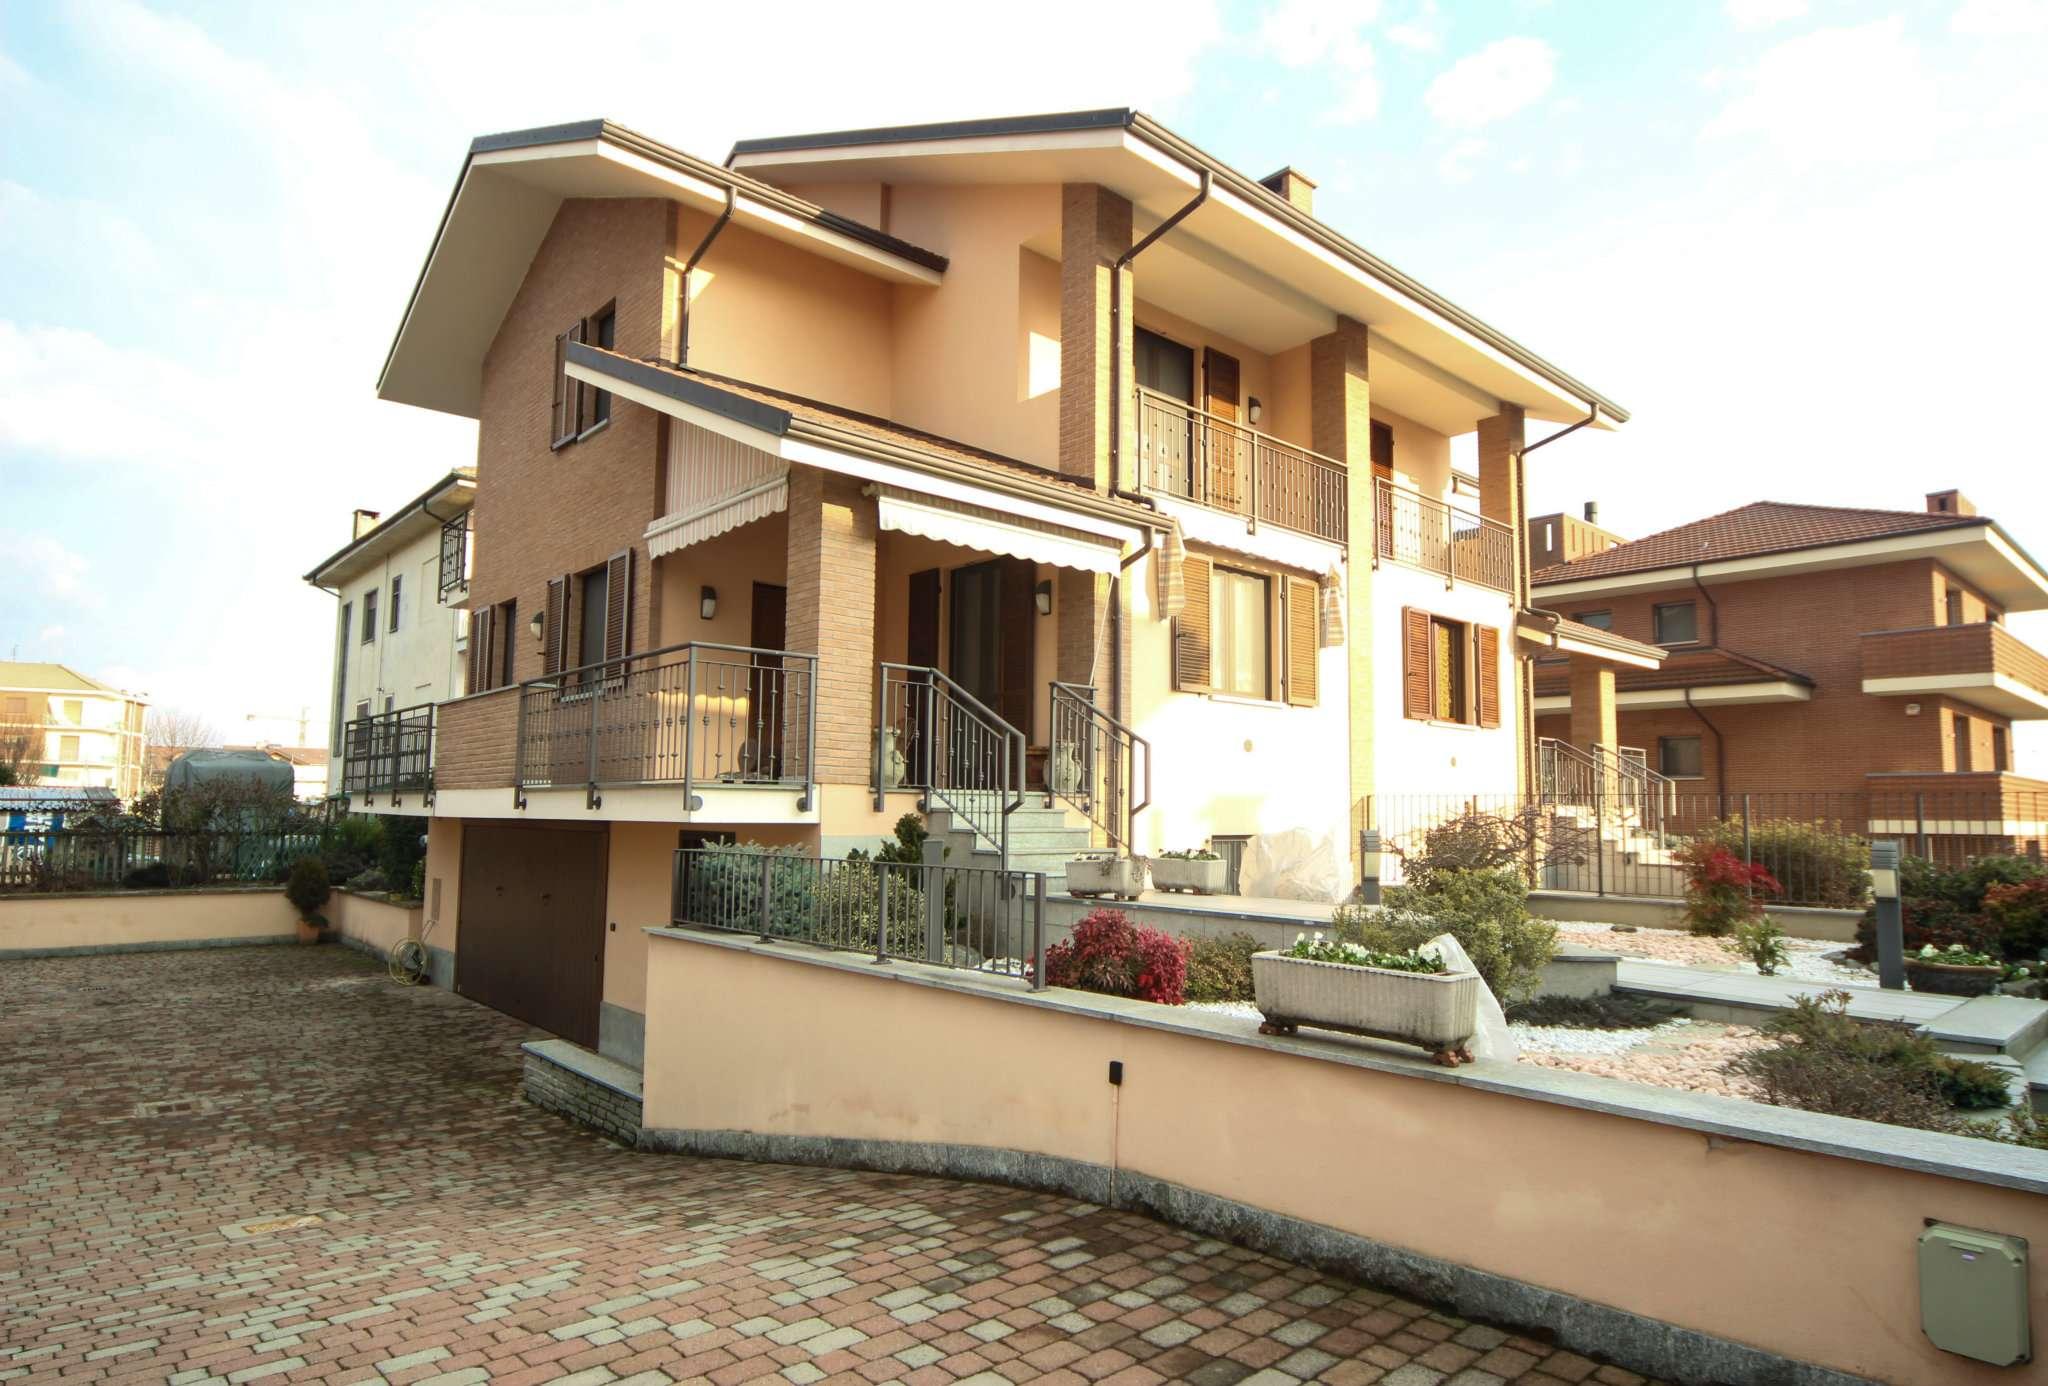 Villetta a Schiera in vendita indirizzo su richiesta None